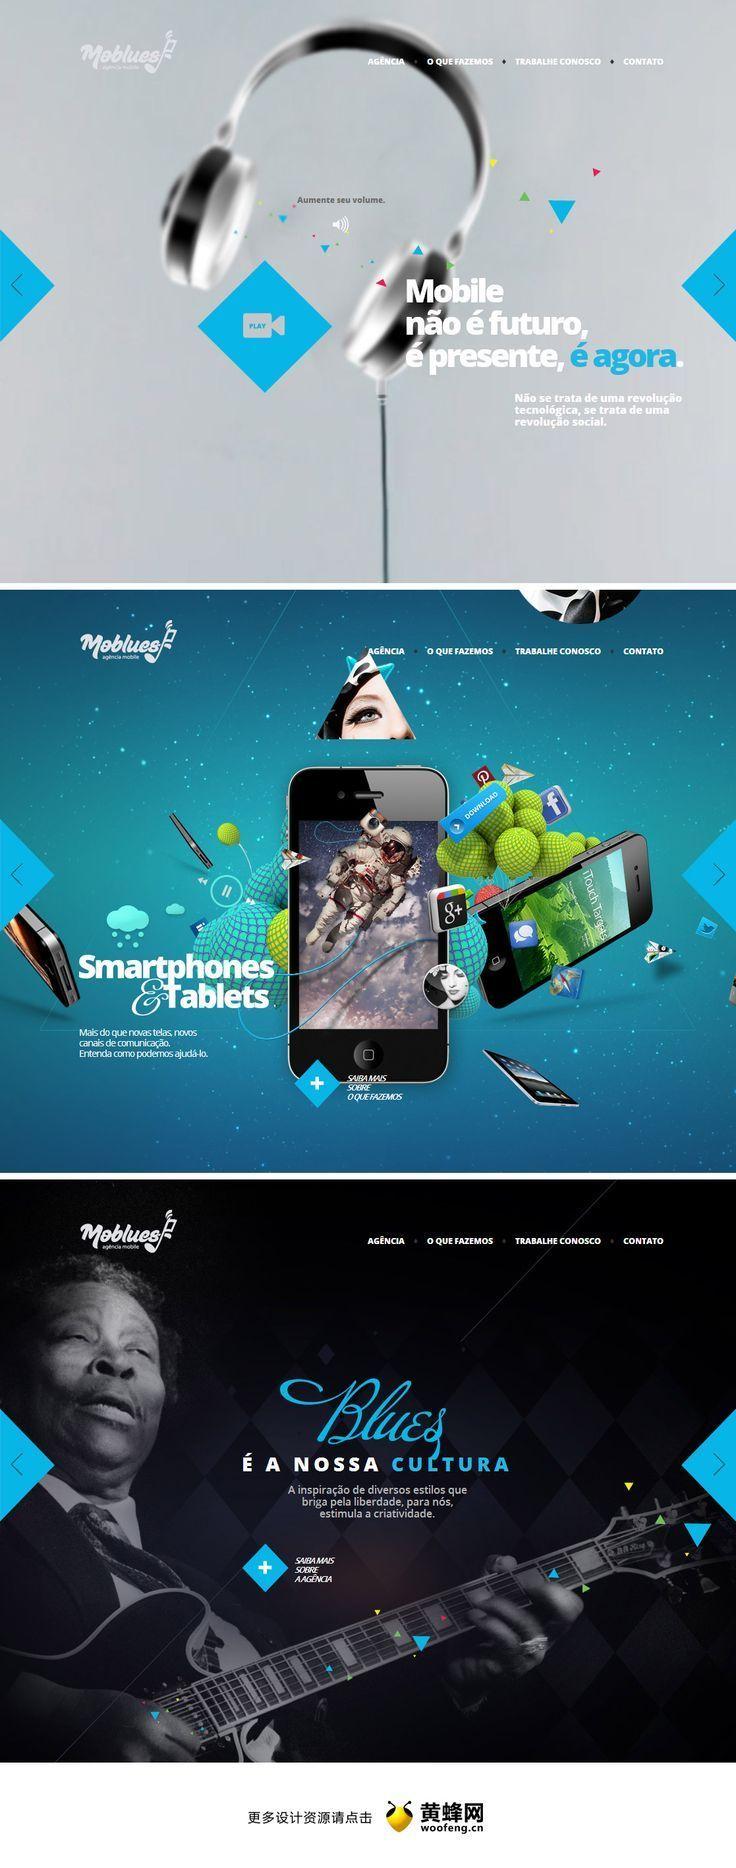 25 présentations originales pour des web design en full-page | BlogDuWebdesign